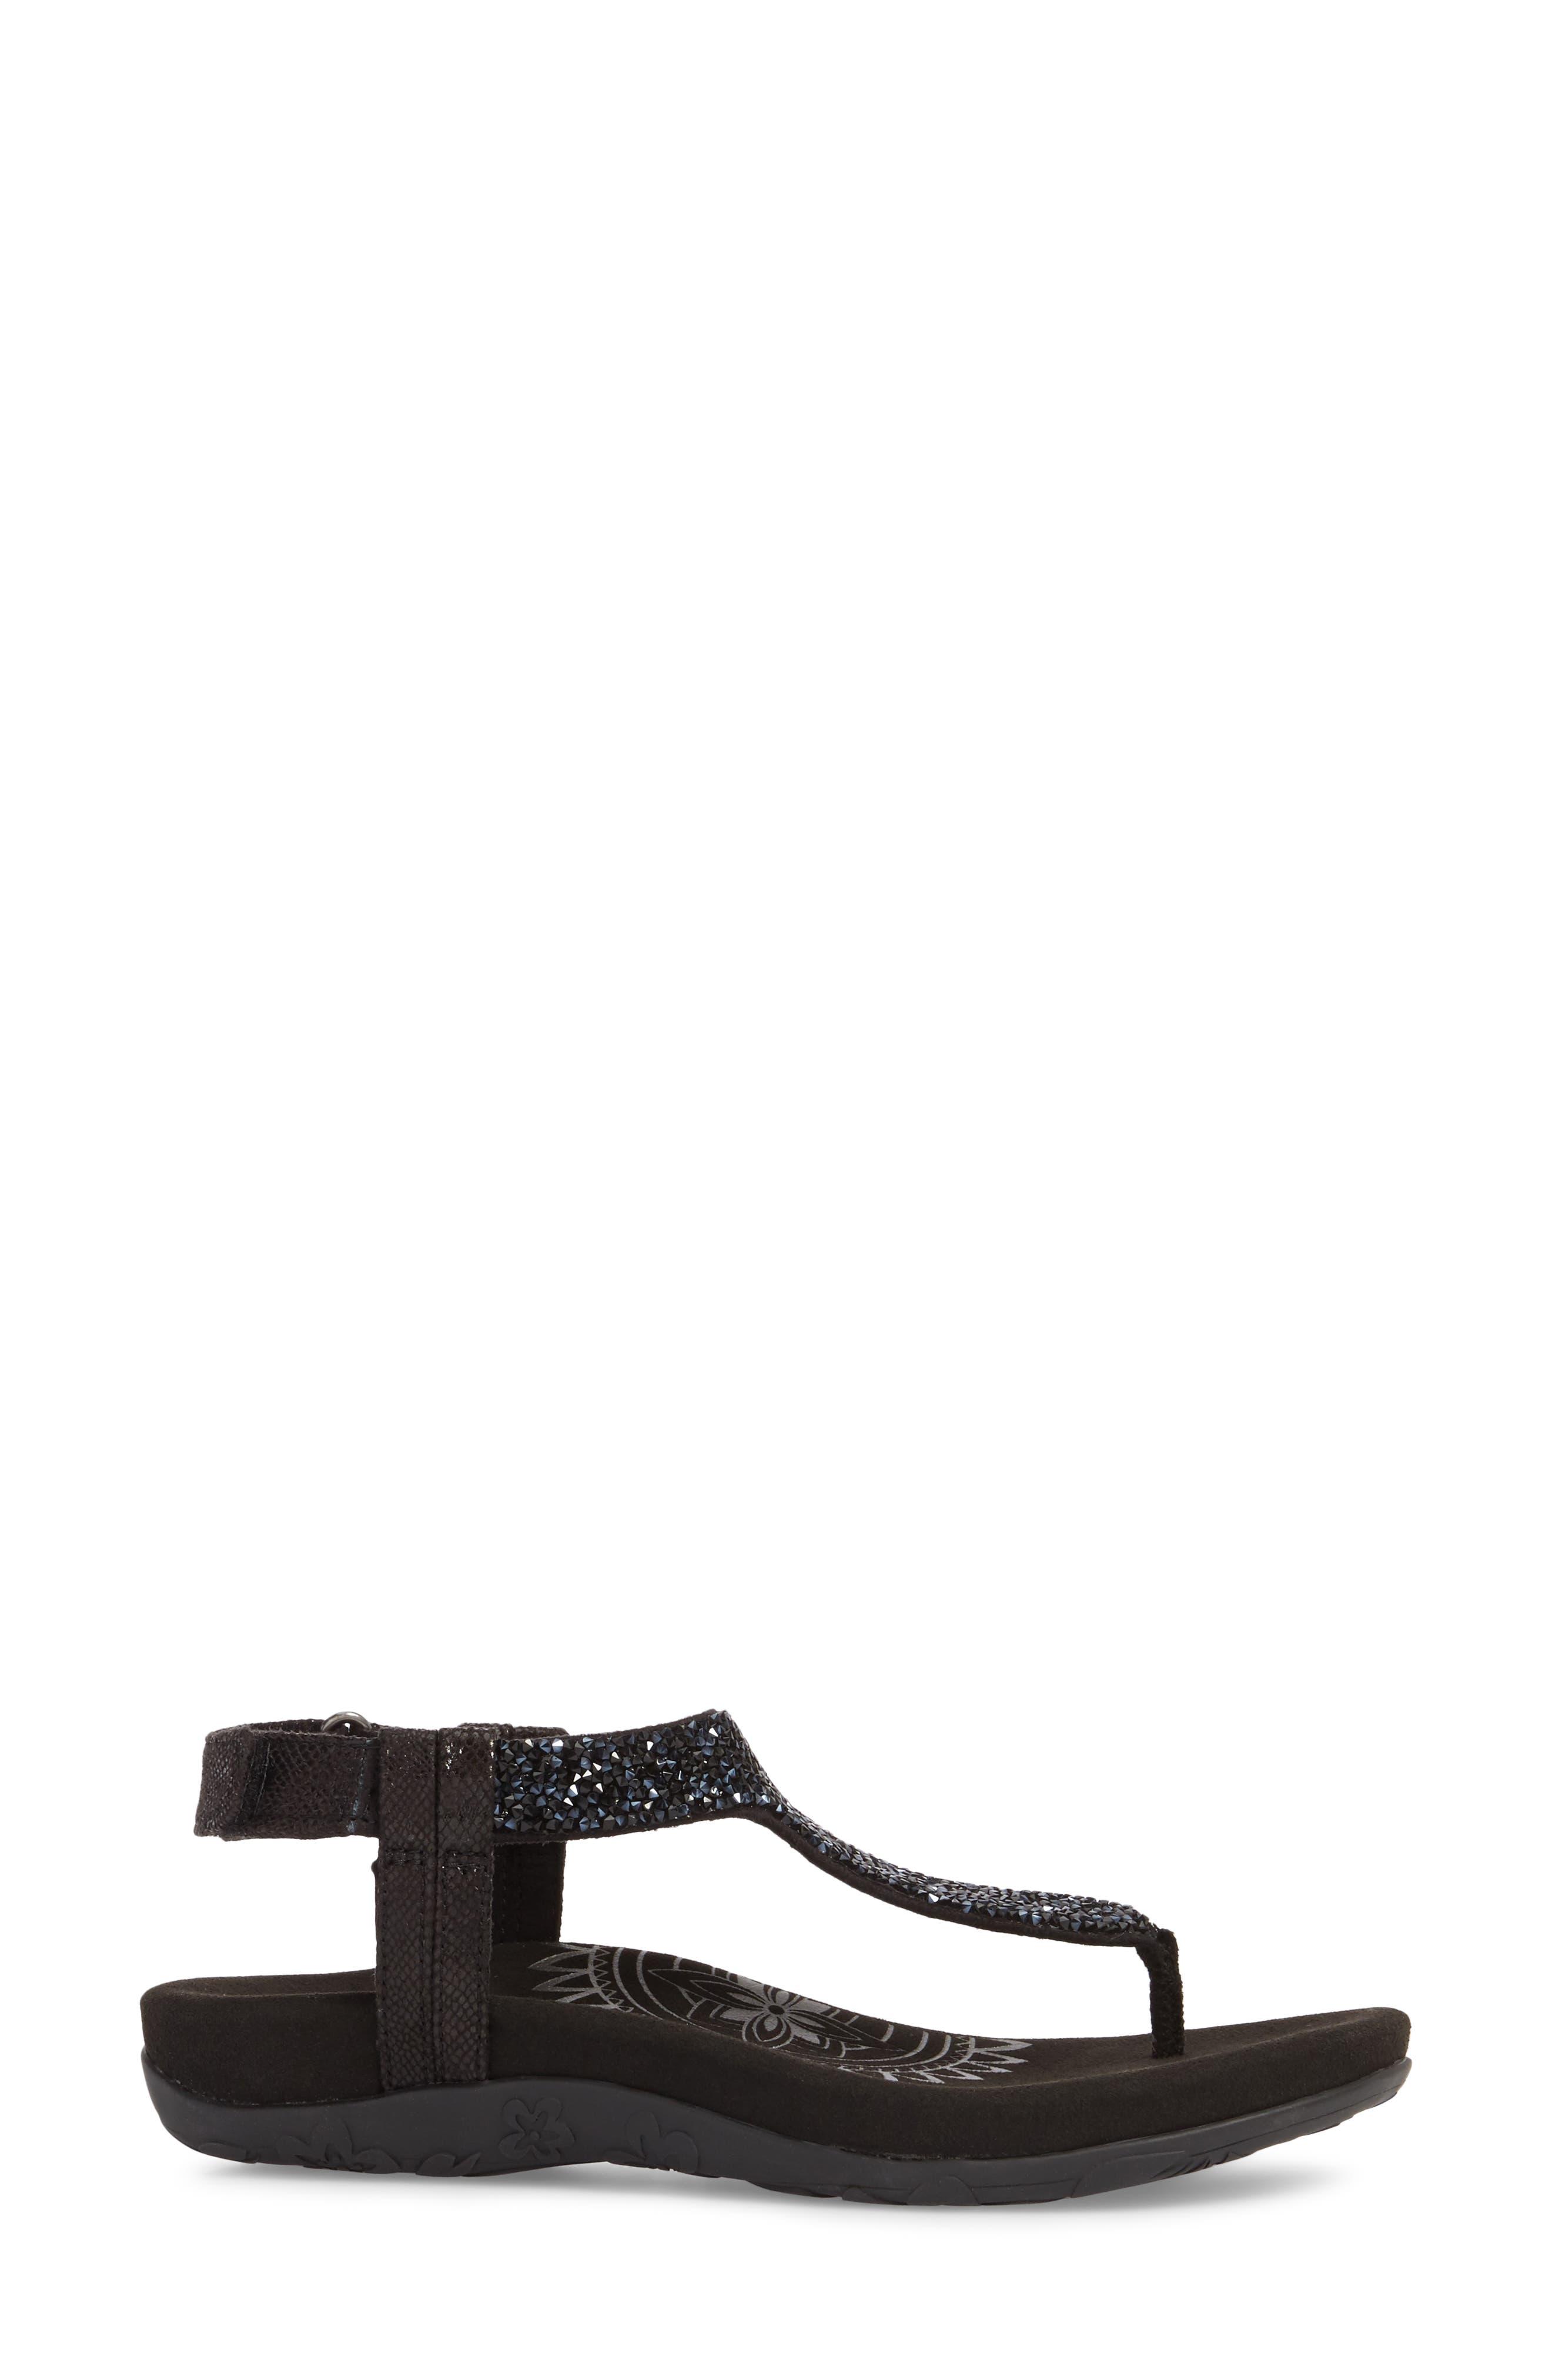 AETREX, Jade Embellished T-Strap Sandal, Alternate thumbnail 3, color, BLACK LEATHER